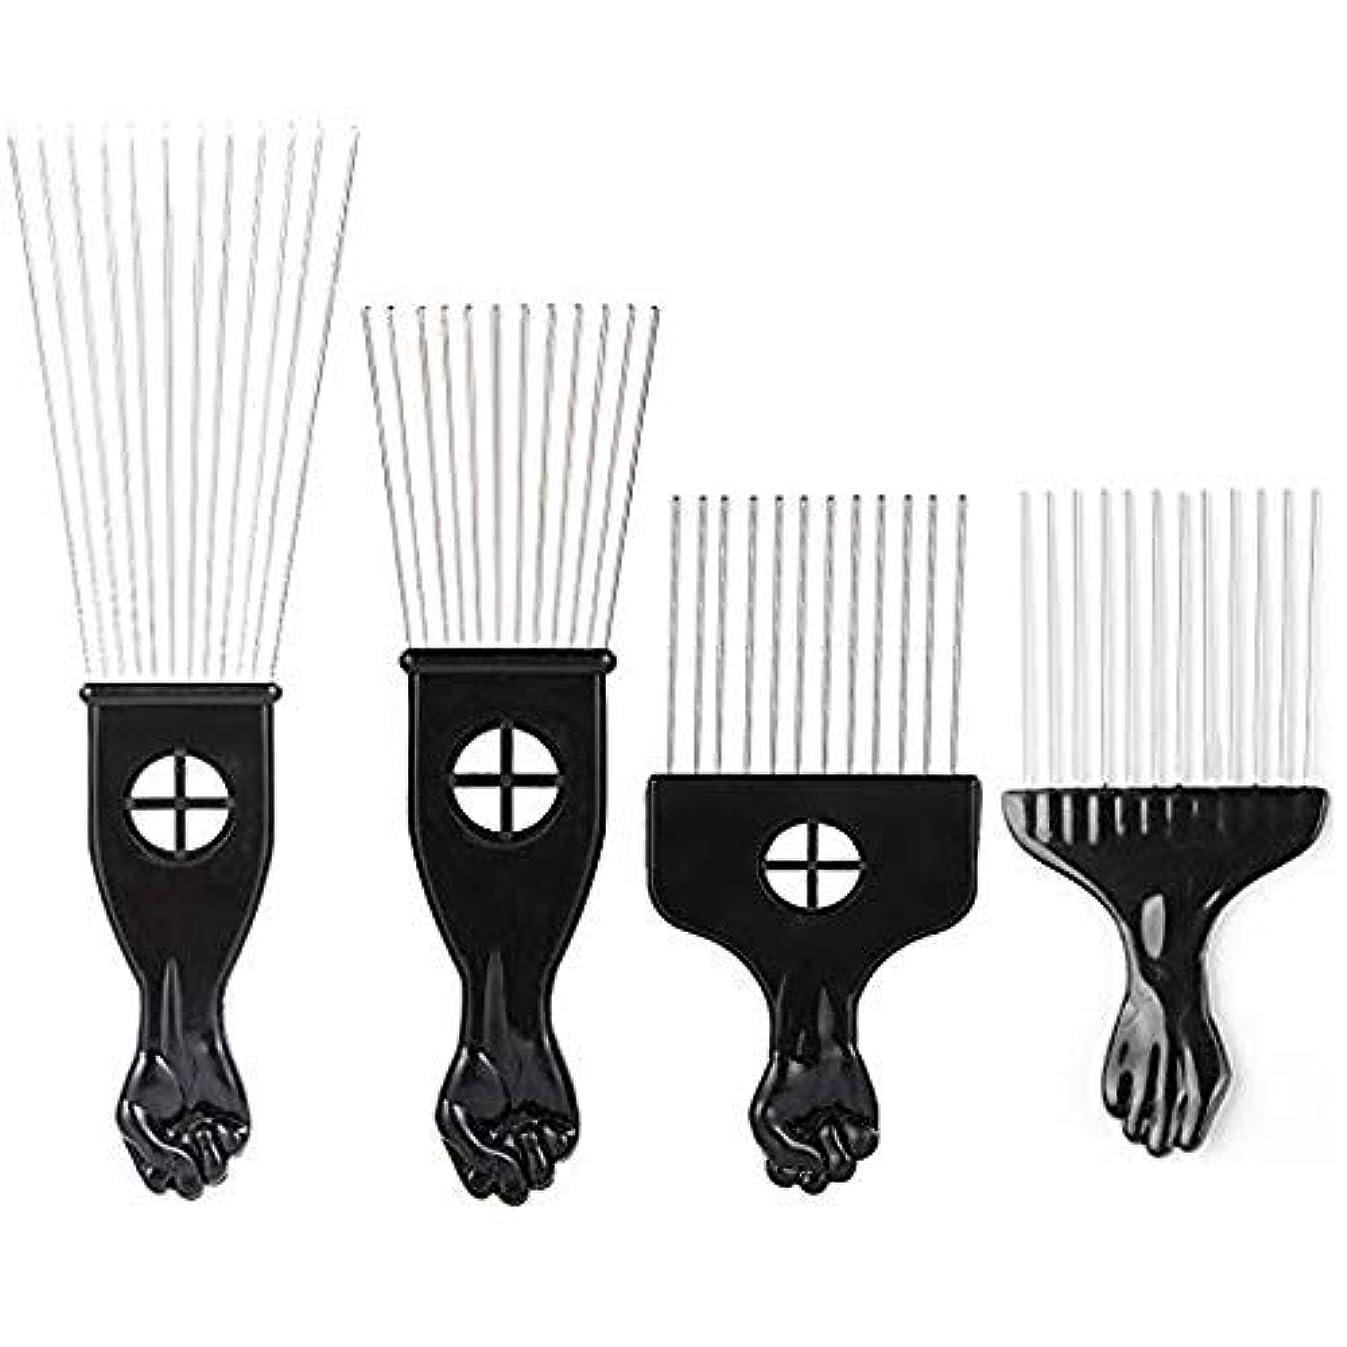 策定する安息打たれたトラックBorogo Afro Combs, 4-Pack Afro Pick w/Black Fist - Metal African American Pick Comb Straight Hair Brush Hairdressing Styling Tool [並行輸入品]